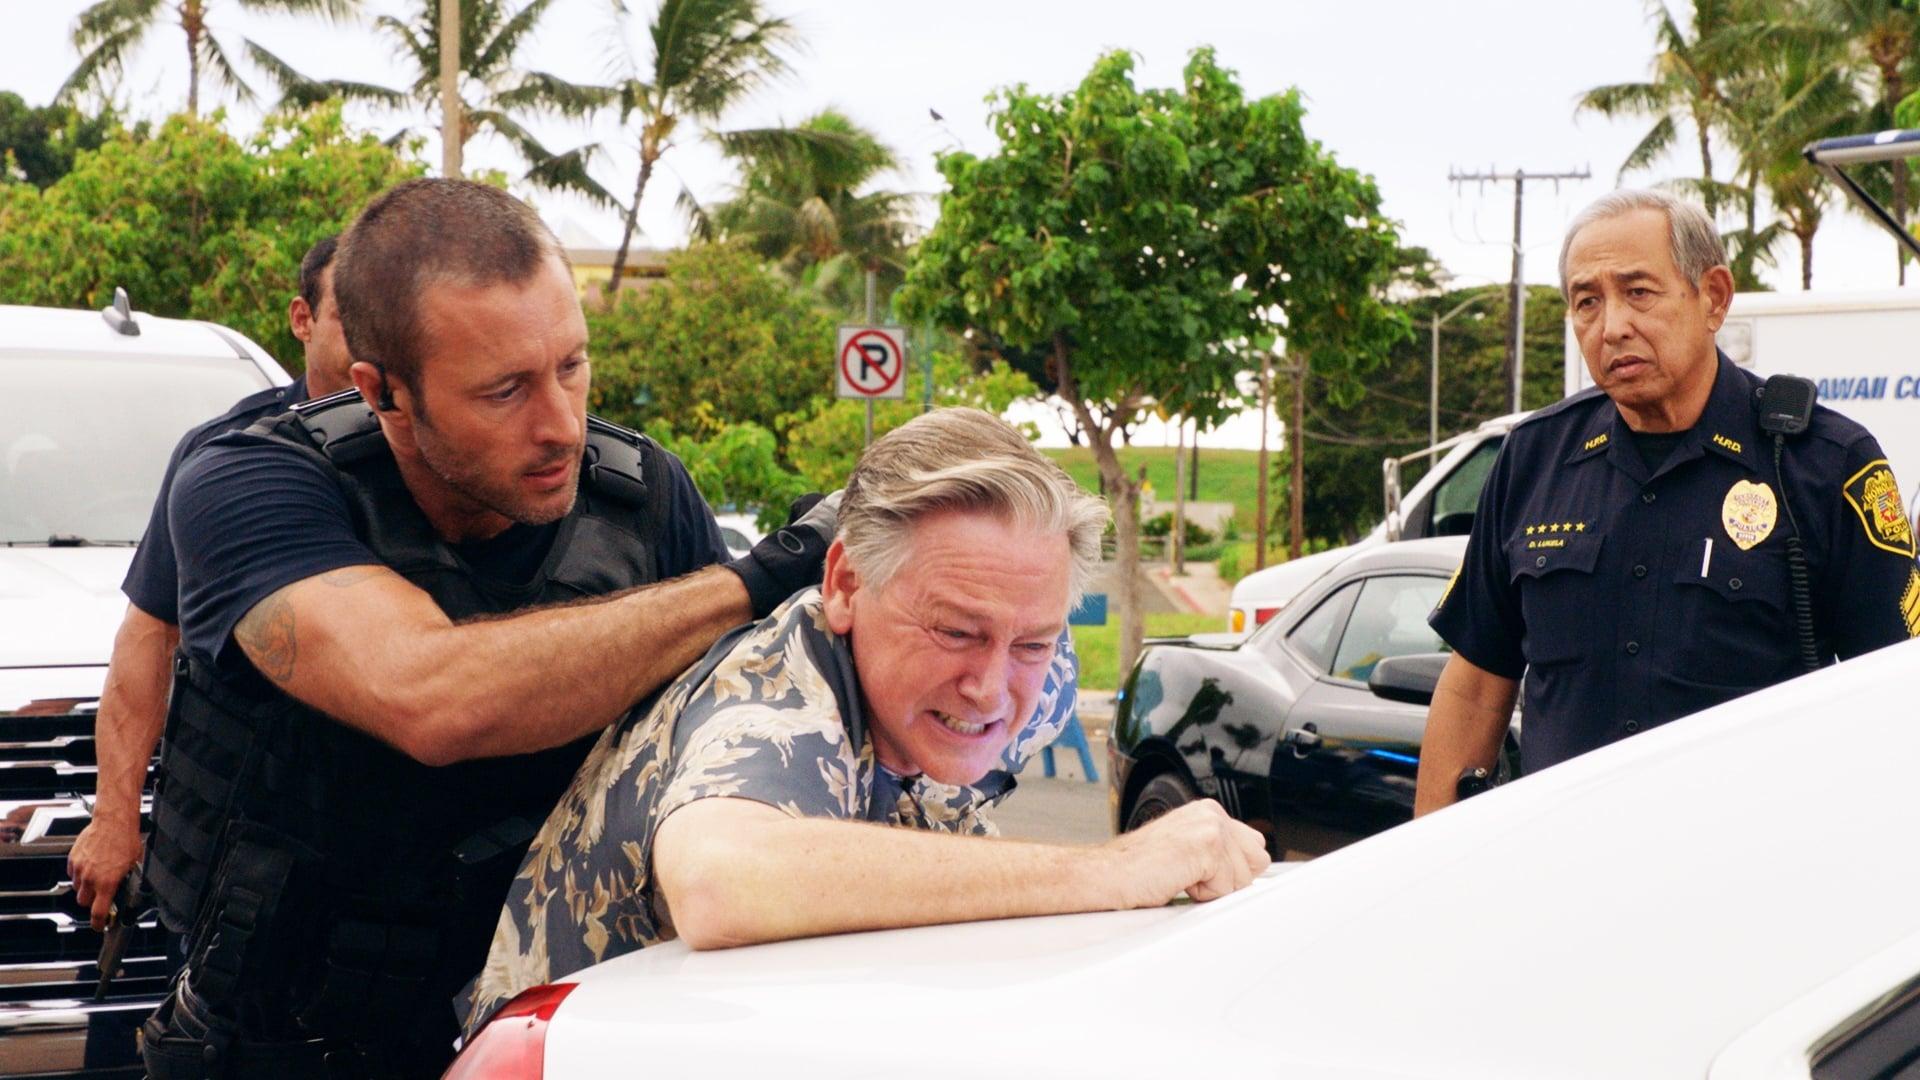 Hawaii Five-0 - Season 8 Episode 13 : O Ka Mea Ua Hala, Ua Hala Ia (What is Gone is Gone)